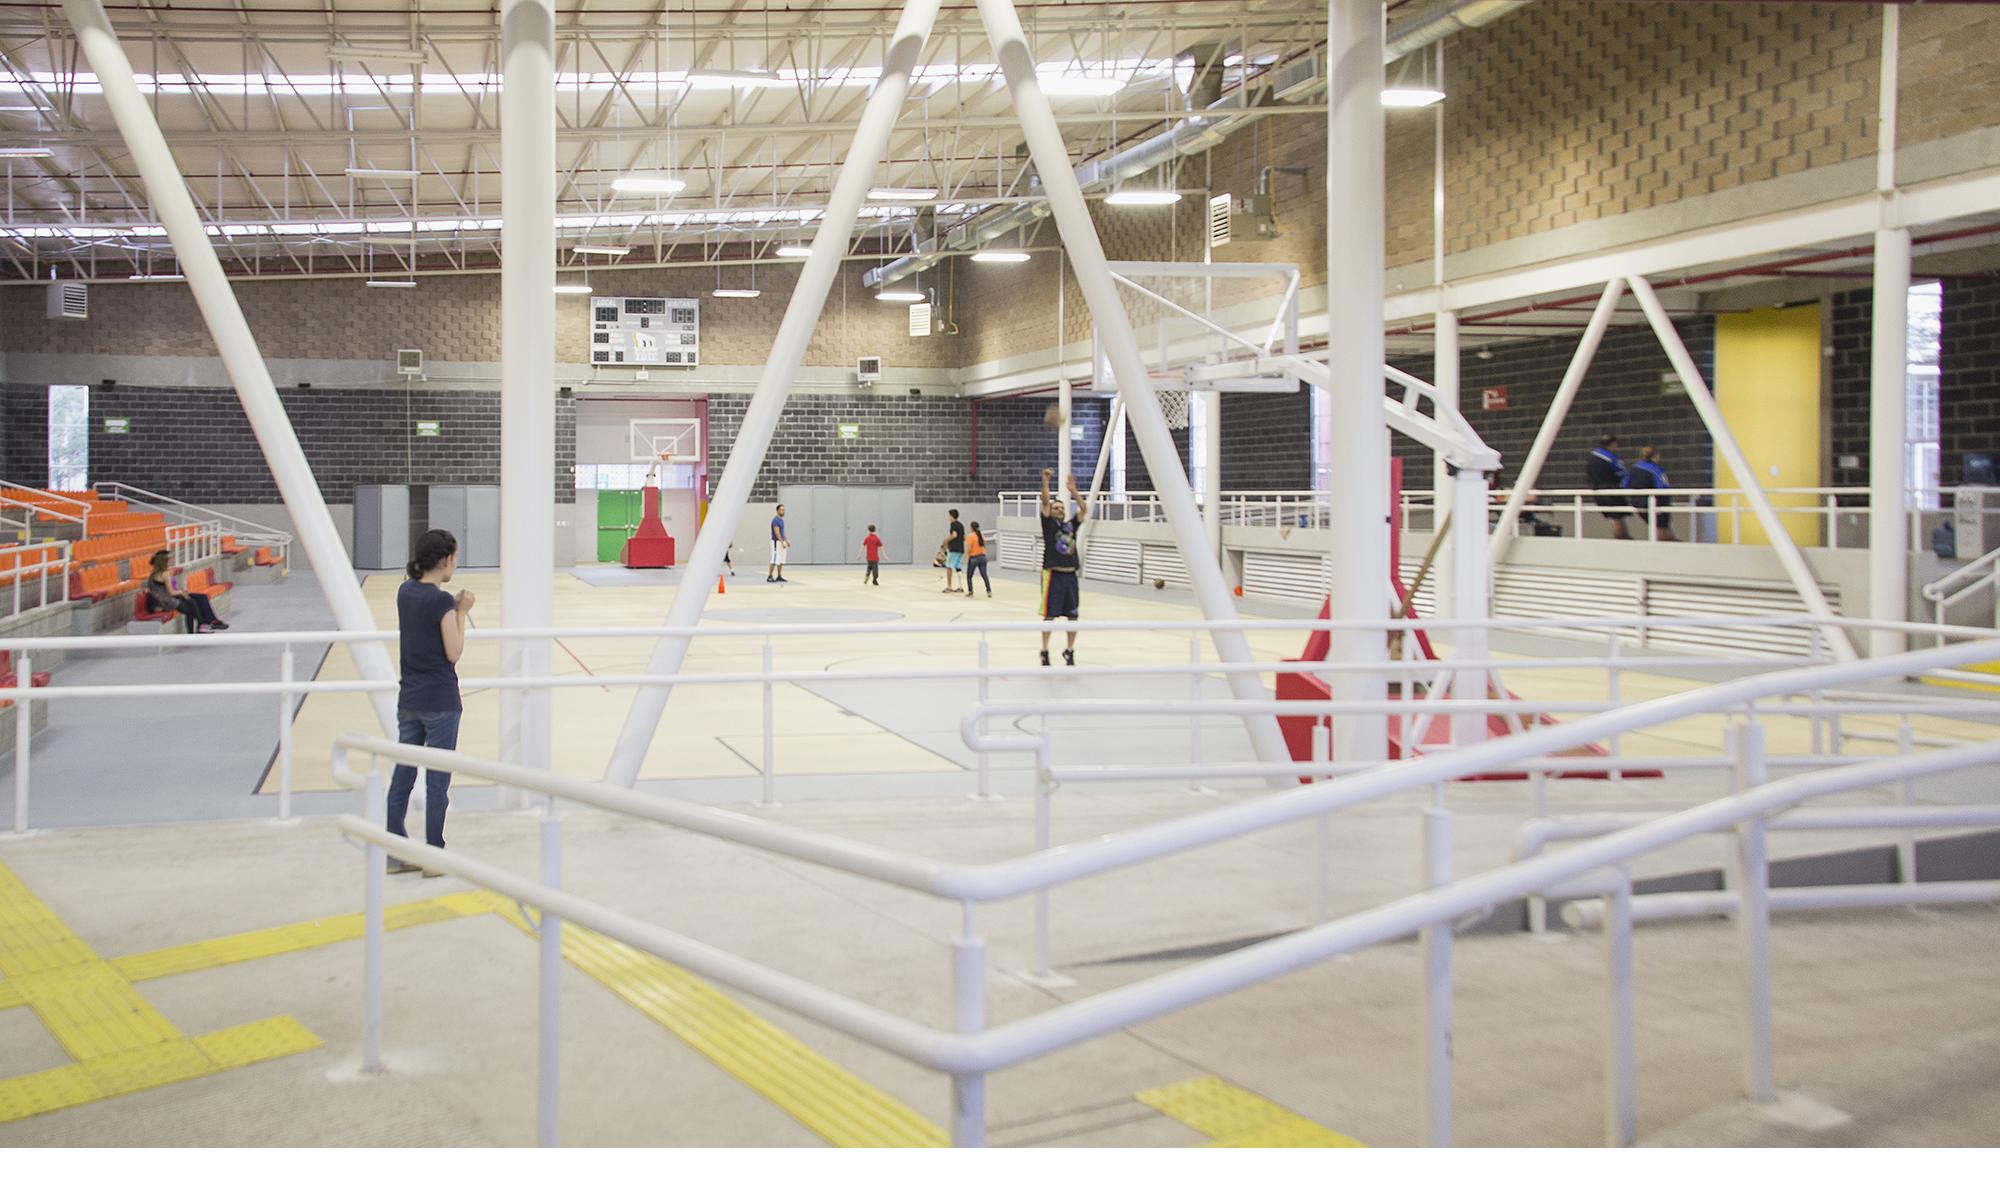 Gym Adaptado cancha y miradores IV web.jpg